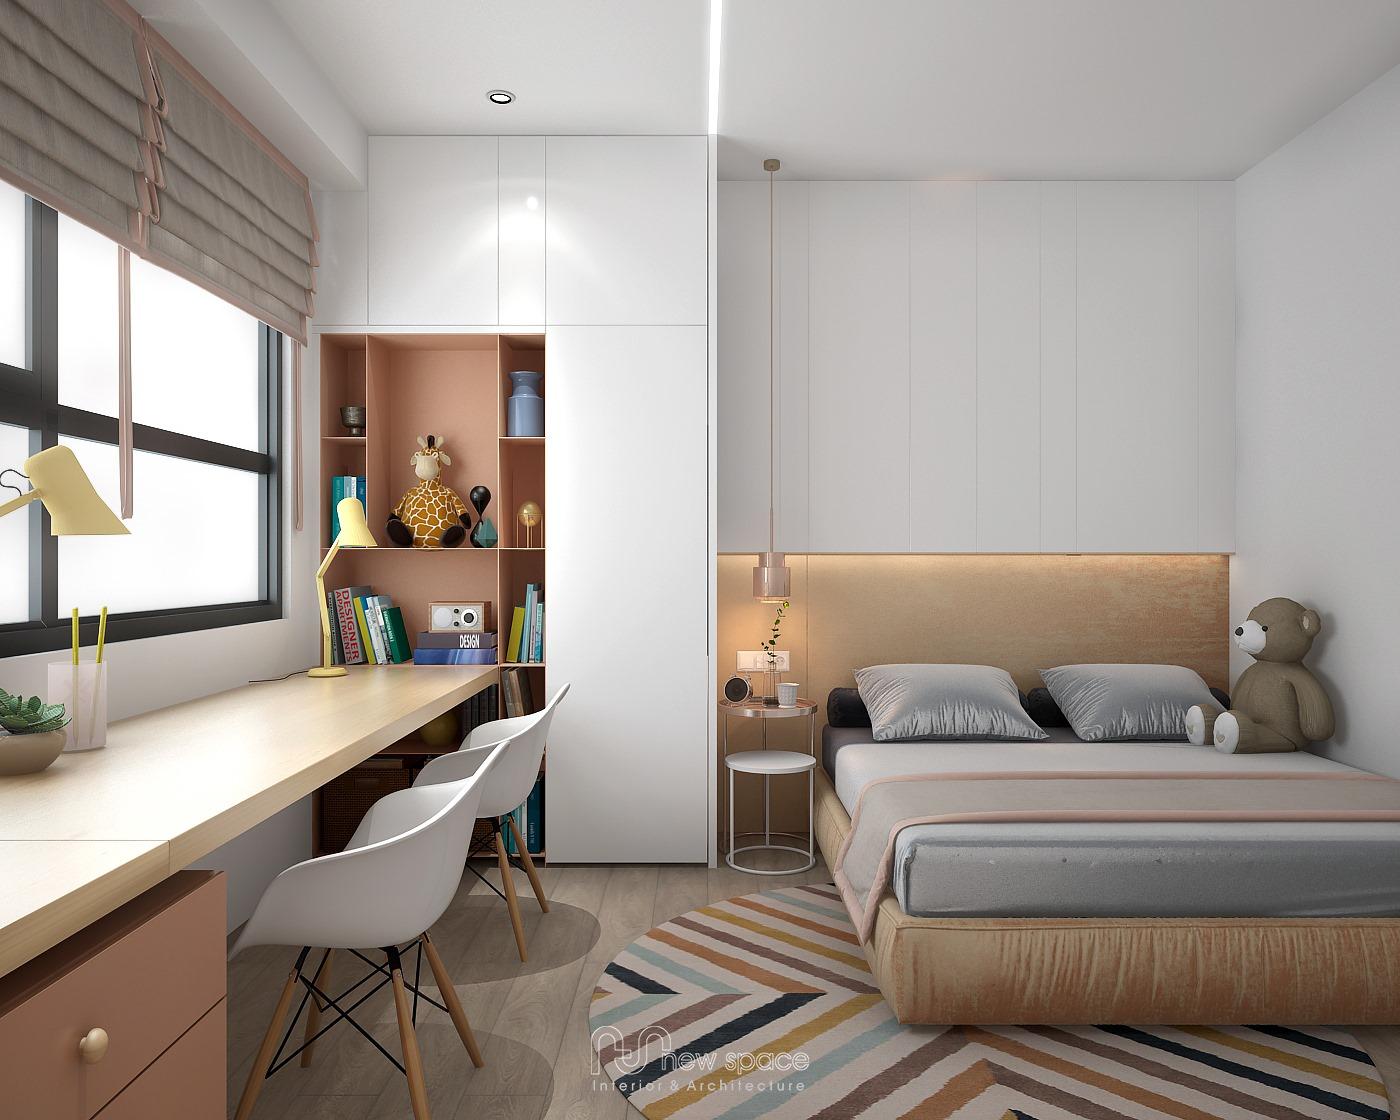 Thiết kế nội thất Chung Cư tại Hà Nội Nội thất hiện đại tại Star city 1586430120 1